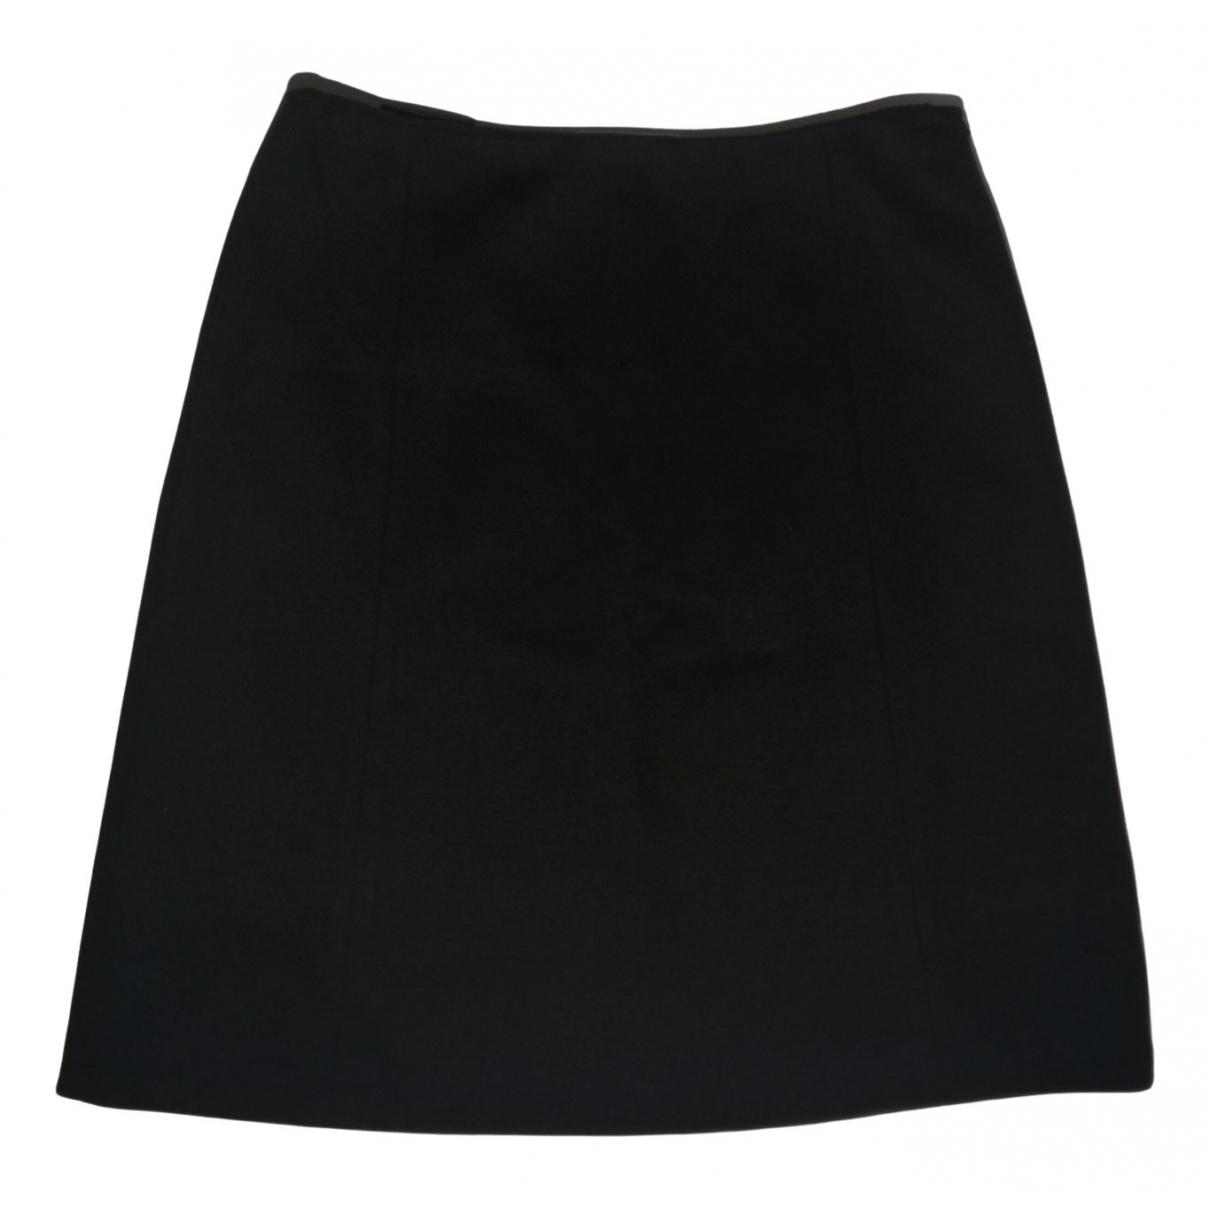 Prada N Black Cotton skirt for Women 40 IT